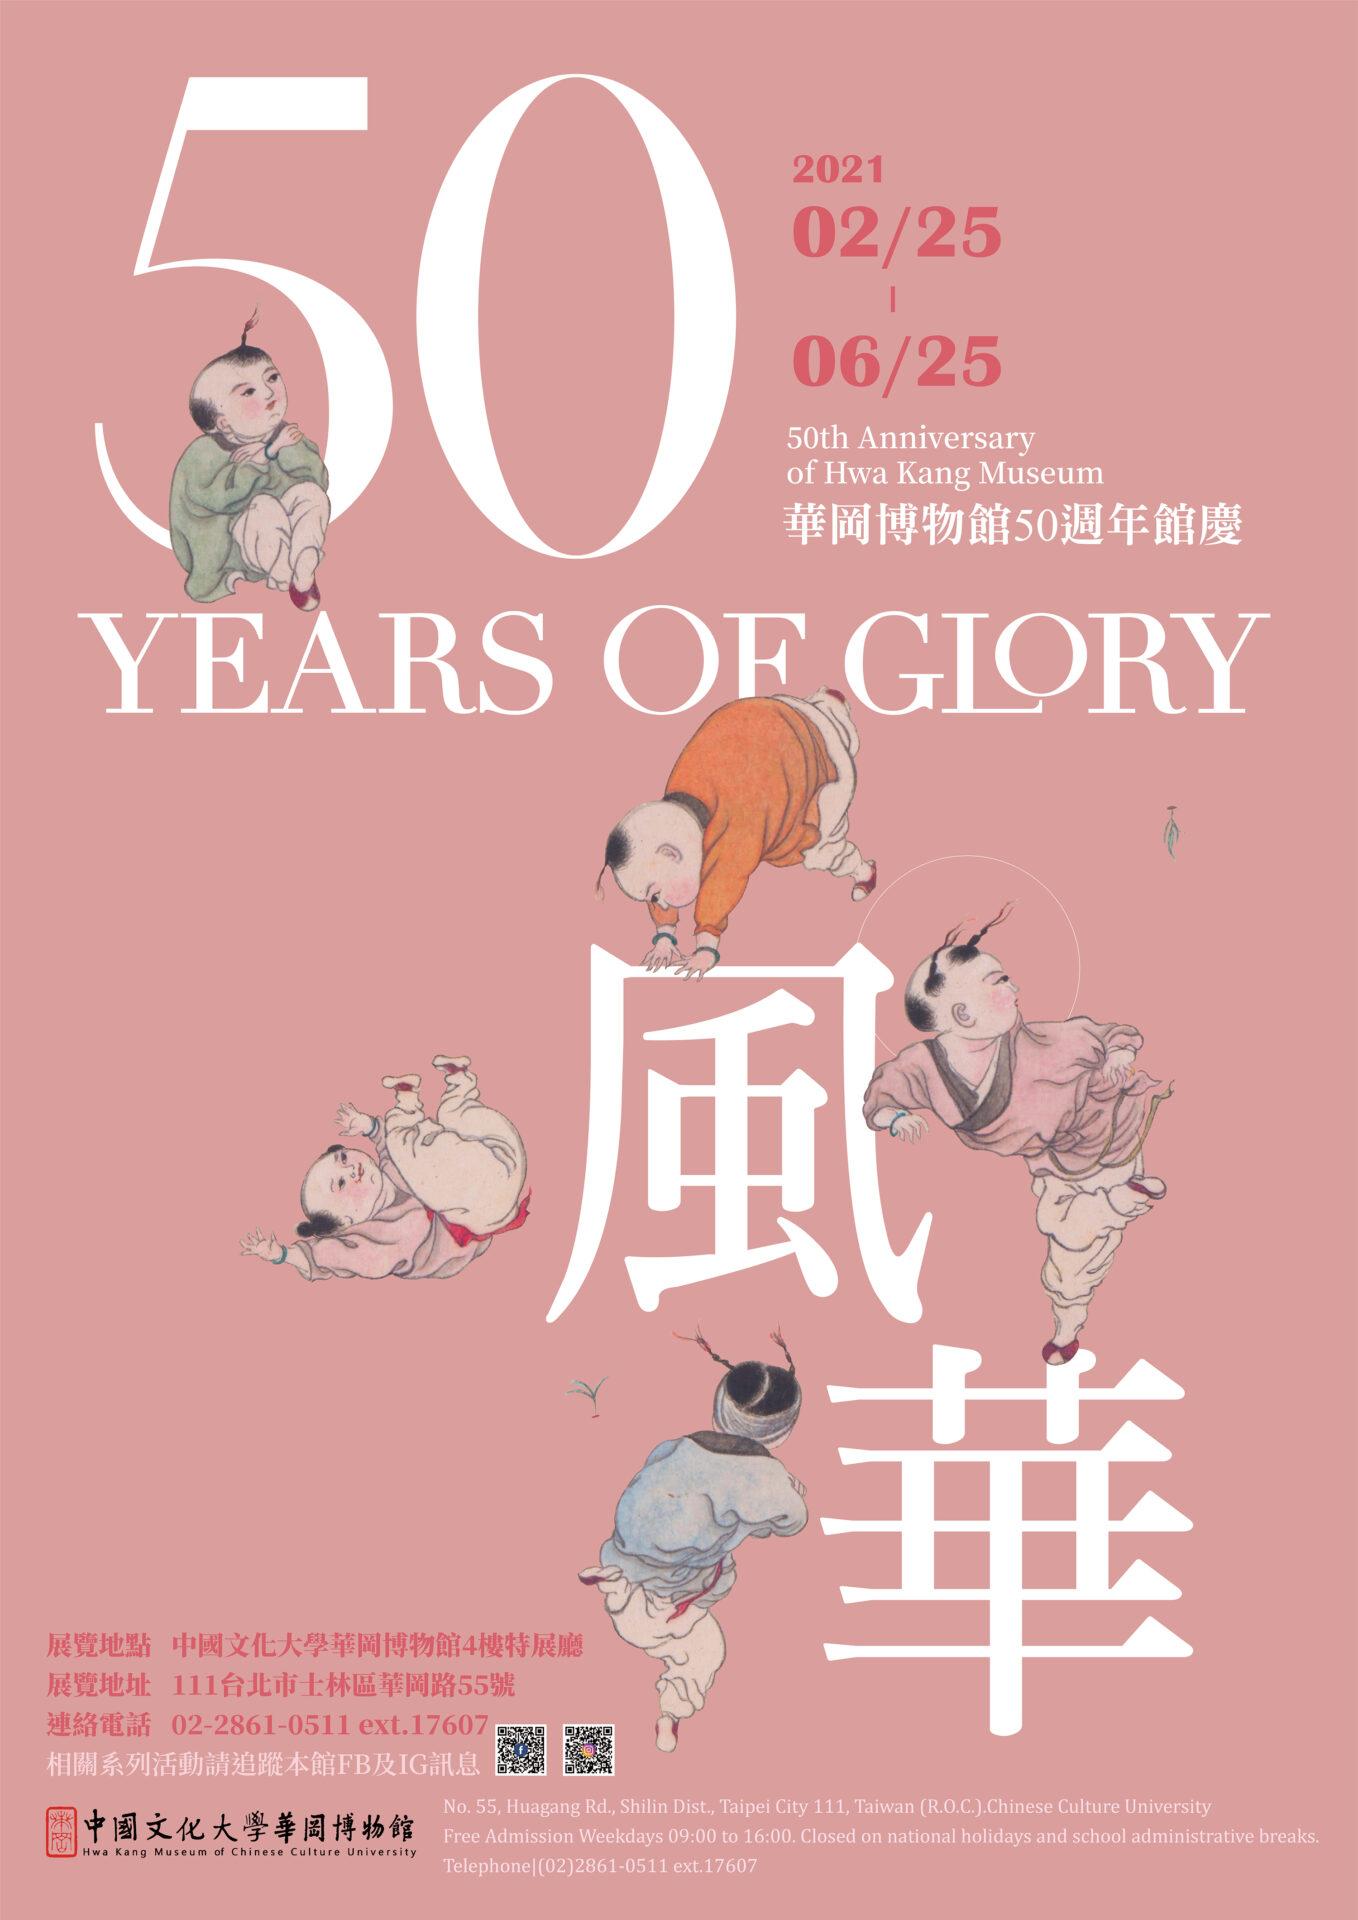 中國文化大學華岡博物館:2021/02/25-06/25【50風華─華岡博物館50周年館慶特展】